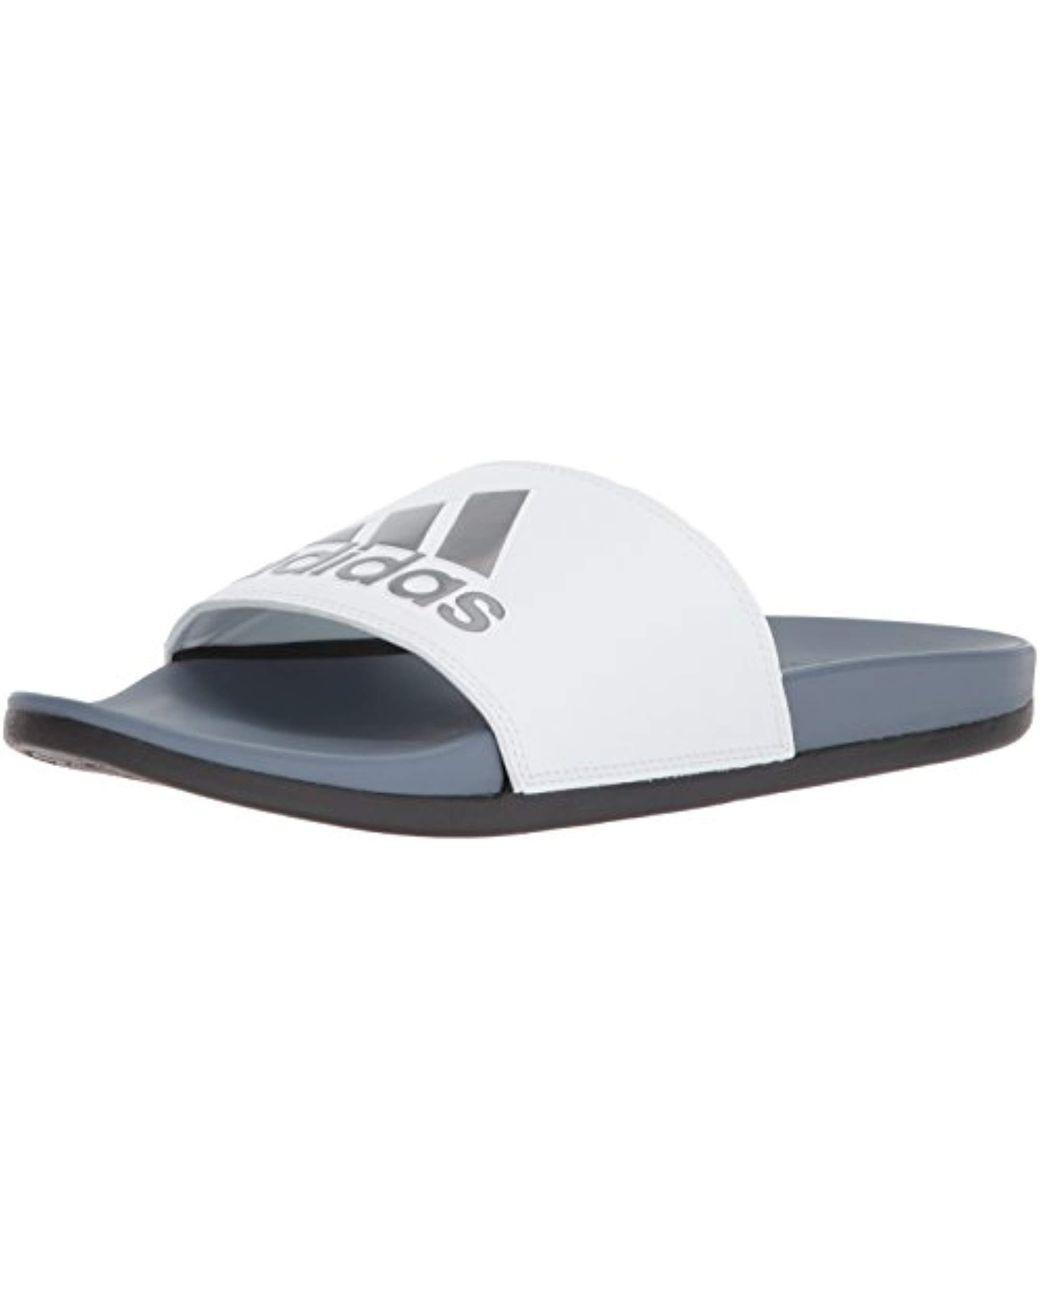 655d4c07f9b7 Lyst - adidas Adilette Comfort Slide Sandal